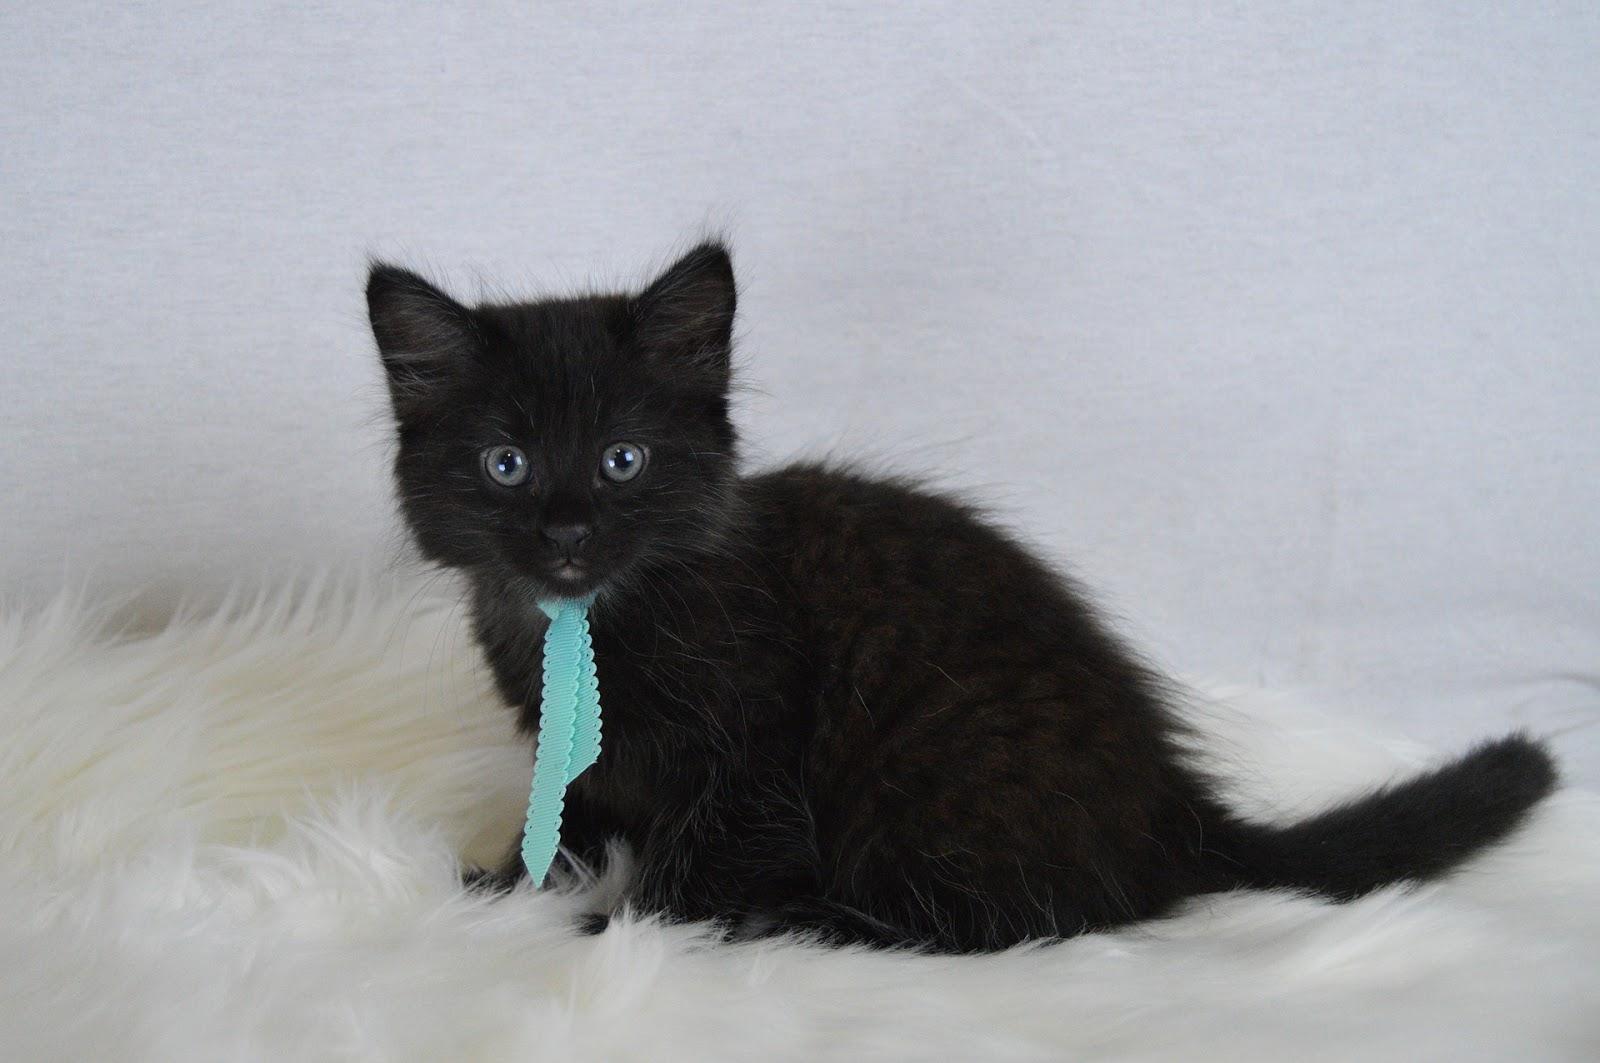 Black cat wearing a tie